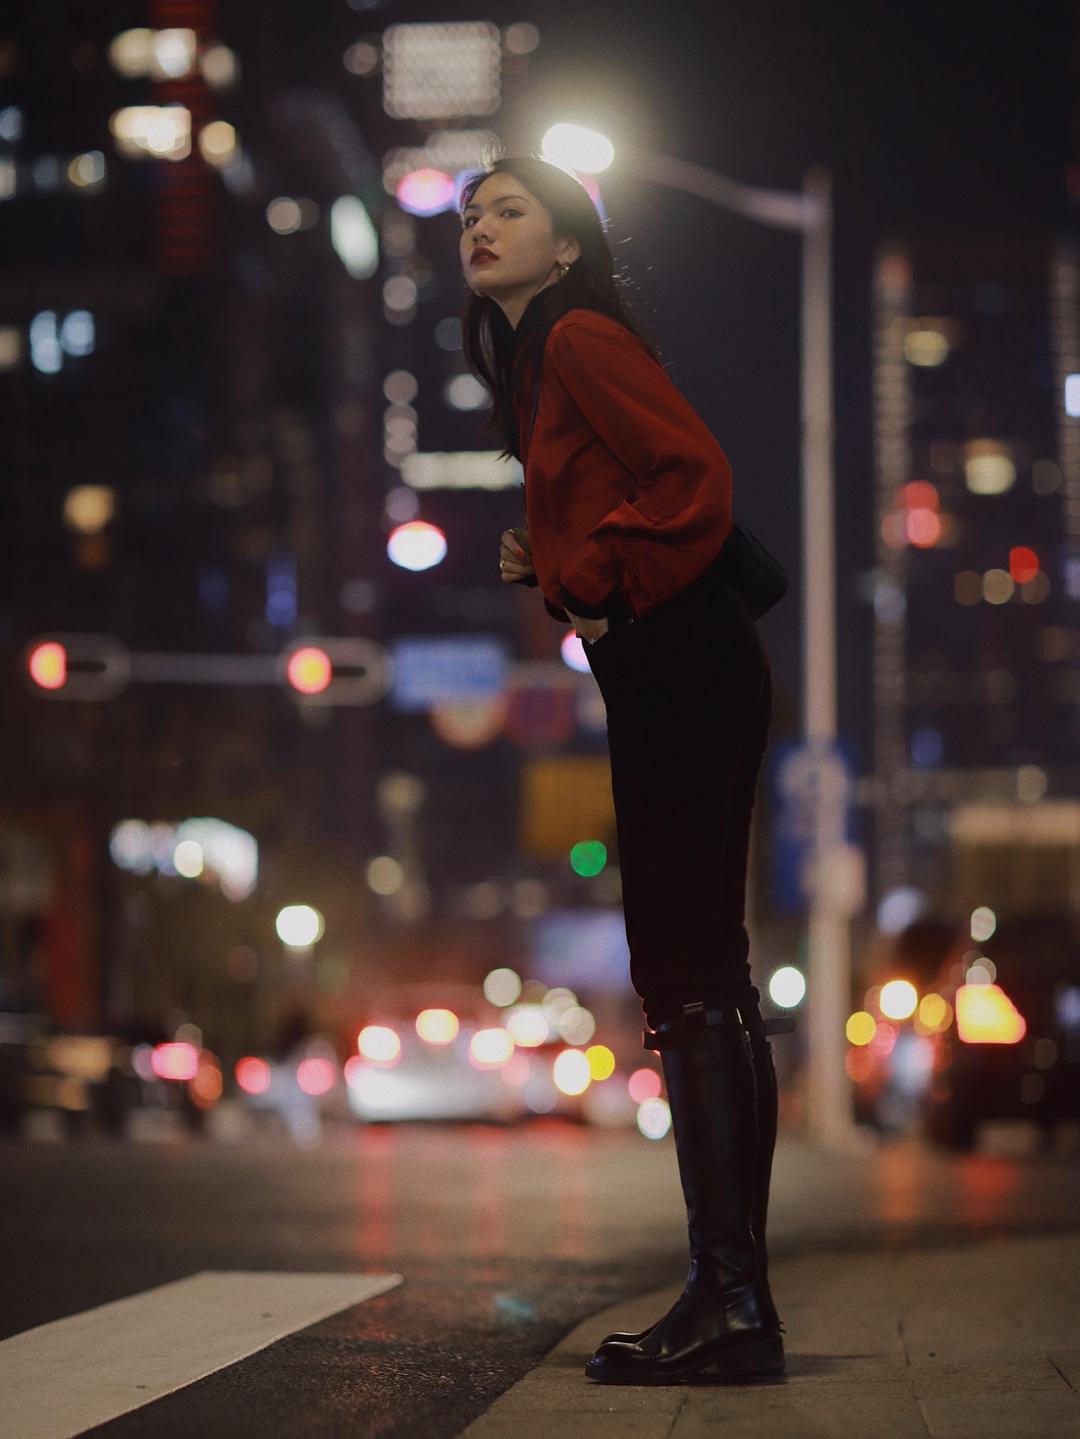 经典黑红组合🖤❤️深圳夜晚街头  衬衫和高领打底衫的叠穿look,长筒靴的加持瞬间拥有修长美腿~  ·红色衬衫:ZARA  ·高领衫:Ther.  ·牛仔裤:Cos  ·包包:BV  ·靴子:BELLE #今天穿什么#